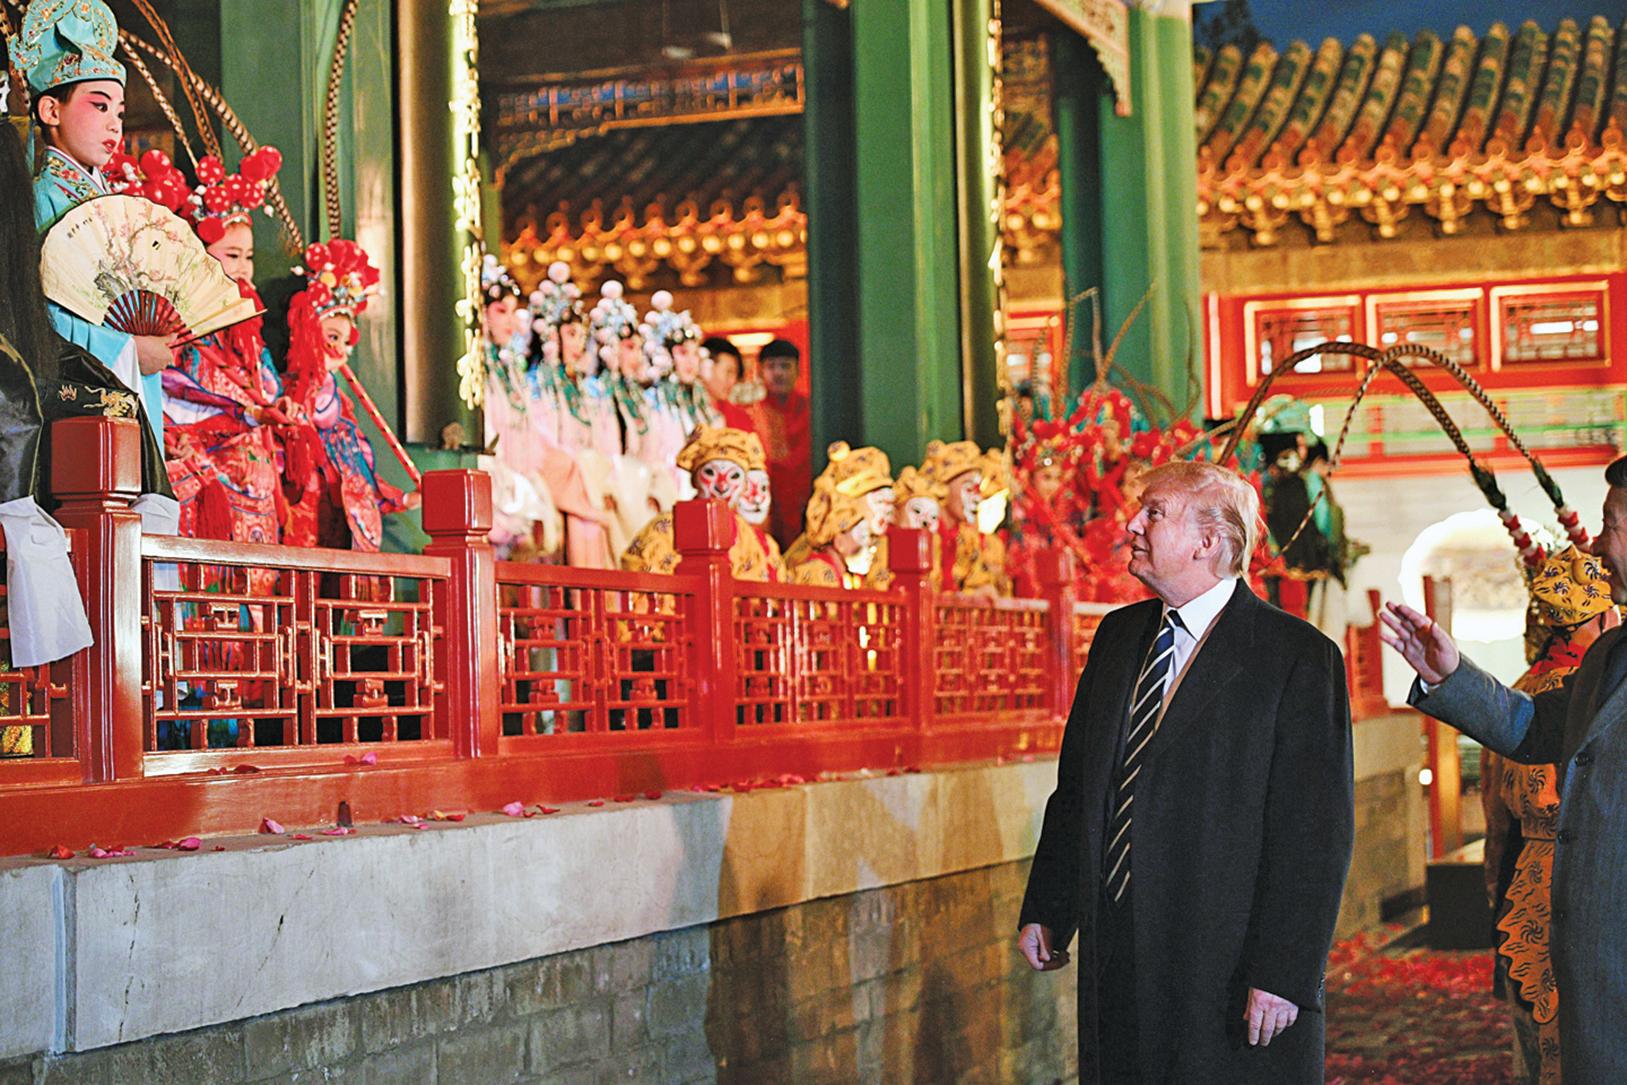 11月8日傍晚,特朗普夫婦與習近平夫婦在紫禁城暢音閣閱是樓一起欣賞了三部京劇。圖為特朗普總統與小演員們見面。(JIM WATSON/AFP/Getty Images)